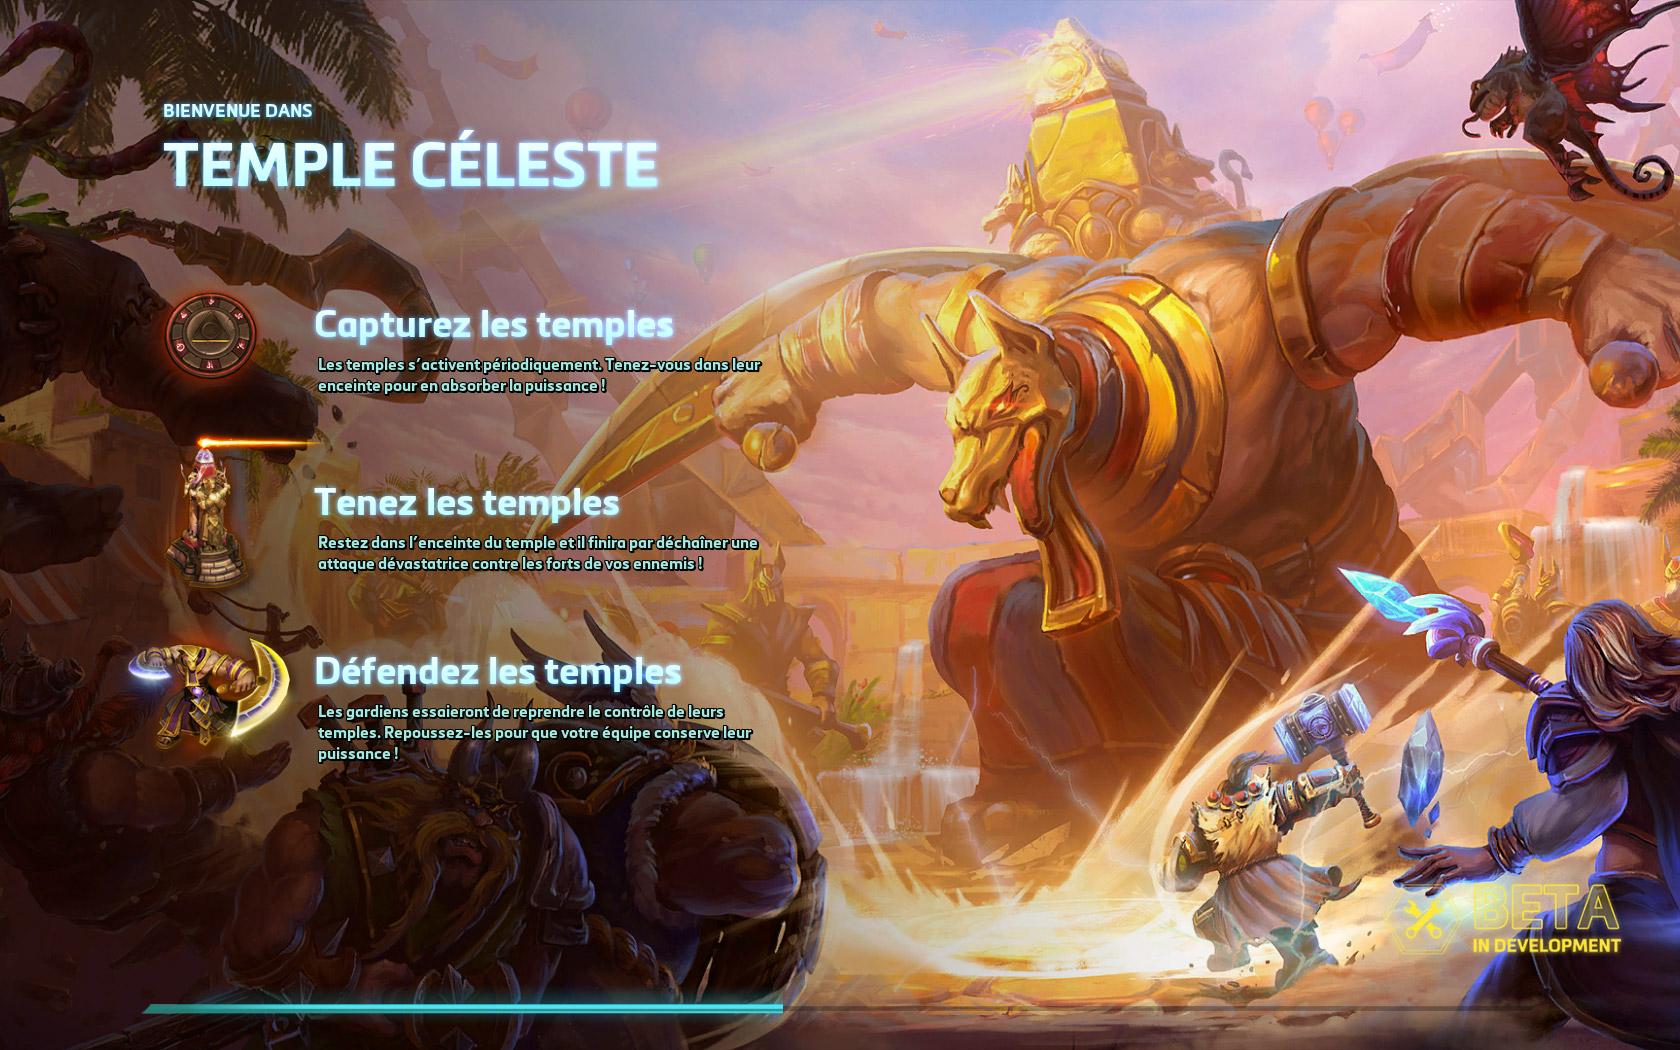 Chargement du champ de bataille Temple Céleste